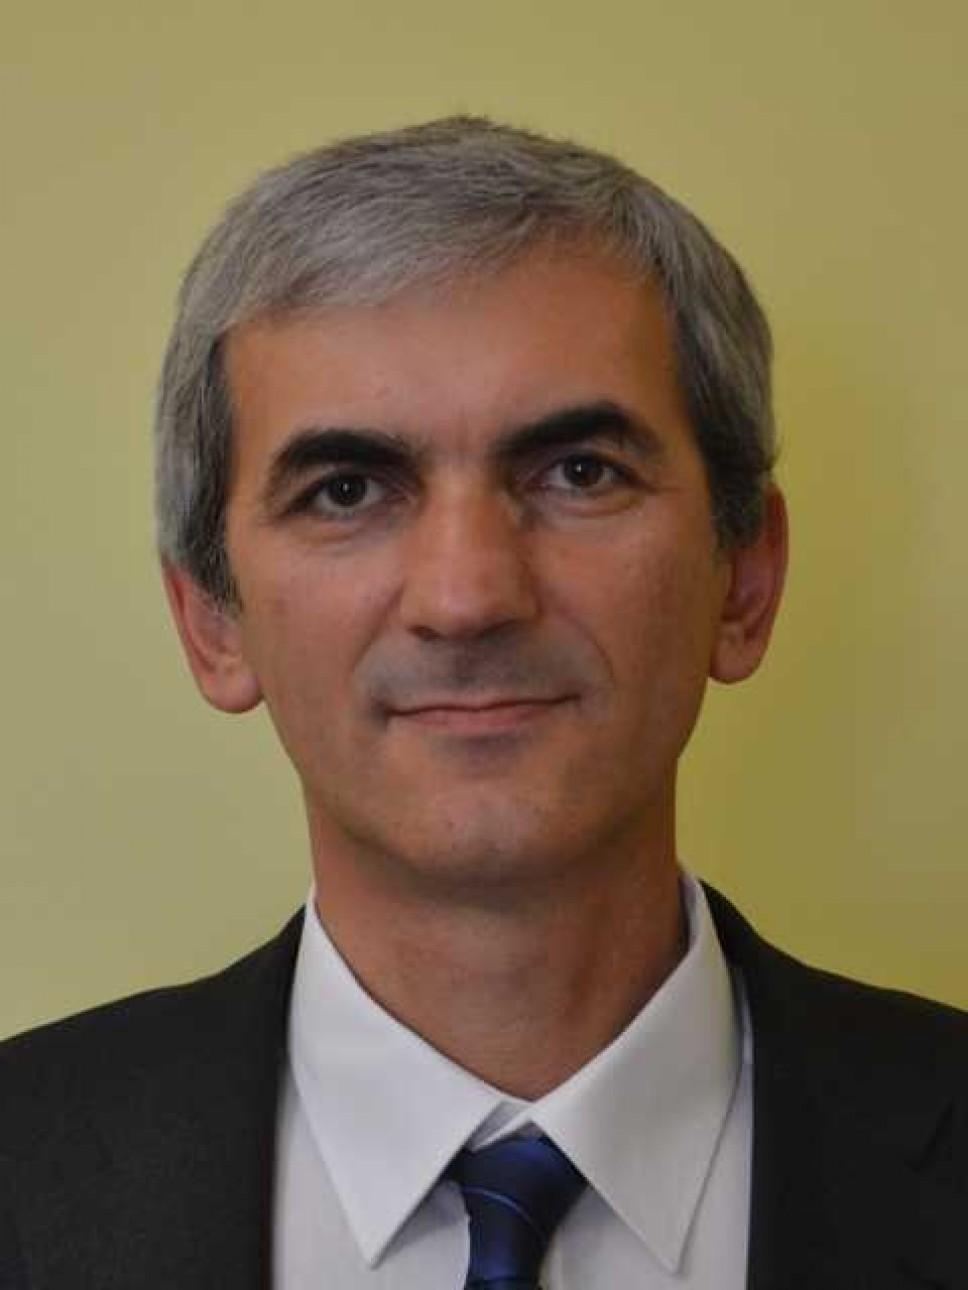 Biografija - Daković Miloš